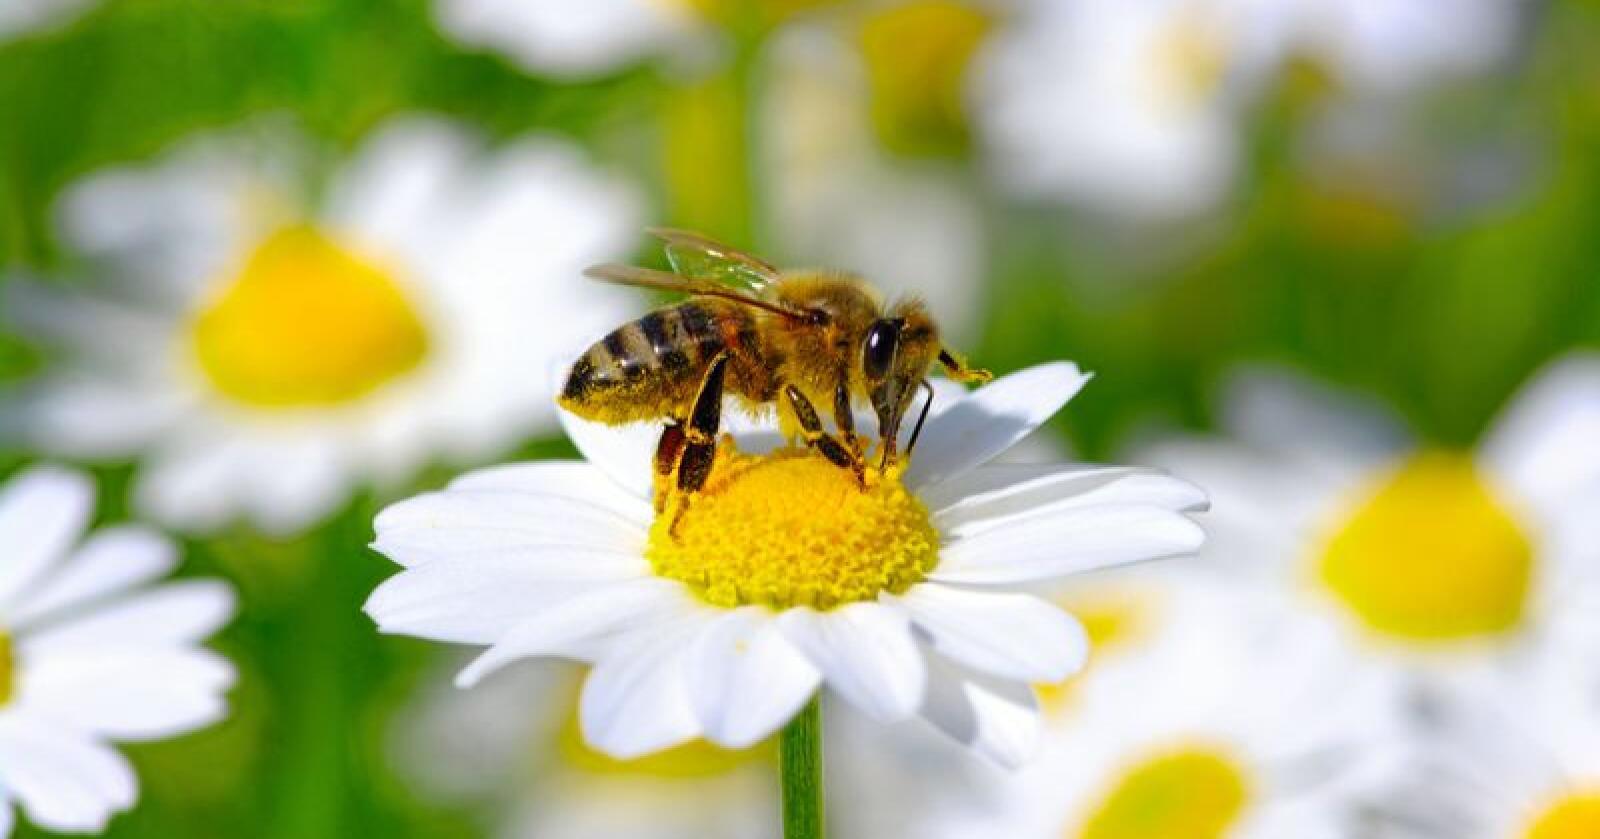 Bier bidrar til spredning avpollen, men forskere slår alarm om spredning av sykdommer. Illustrasjonfoto: Colourbox